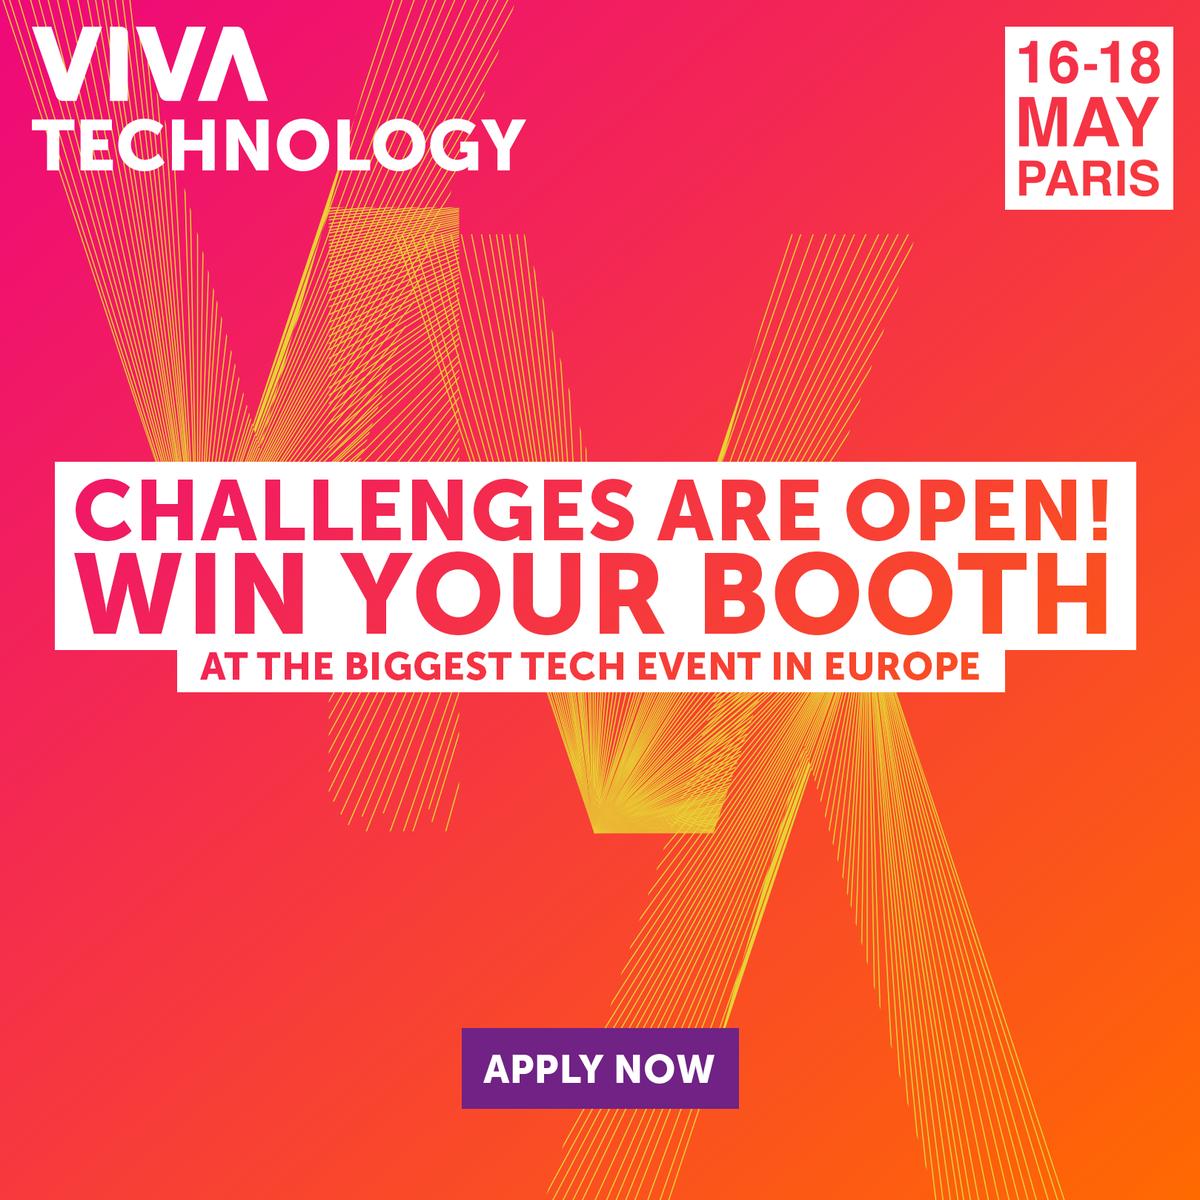 Les Challenges #VivaTech ferment le 15 février. #Startups, tentez de gagner un stand et de collaborer avec des grands groupes…